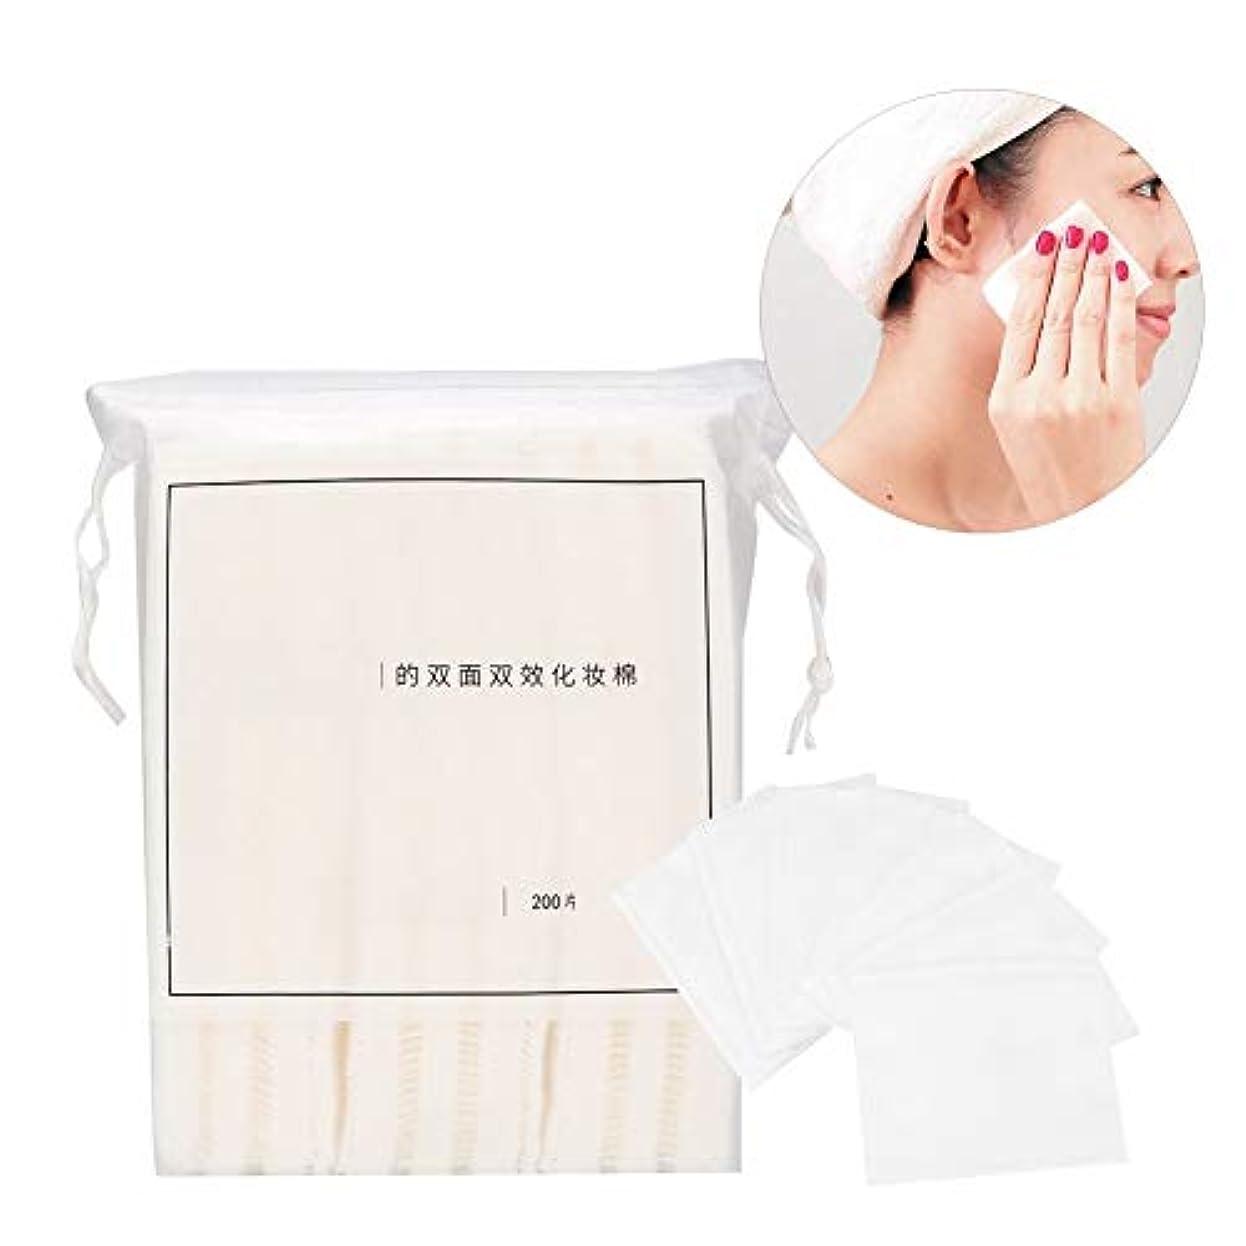 印象暴力的な偏心200個の化粧落としパッド、肌の角質除去とネイルケアのための両面と乾式の湿式デュアルユースコットンパッド、やわらかい涙抵抗の保水化粧品用綿(2)